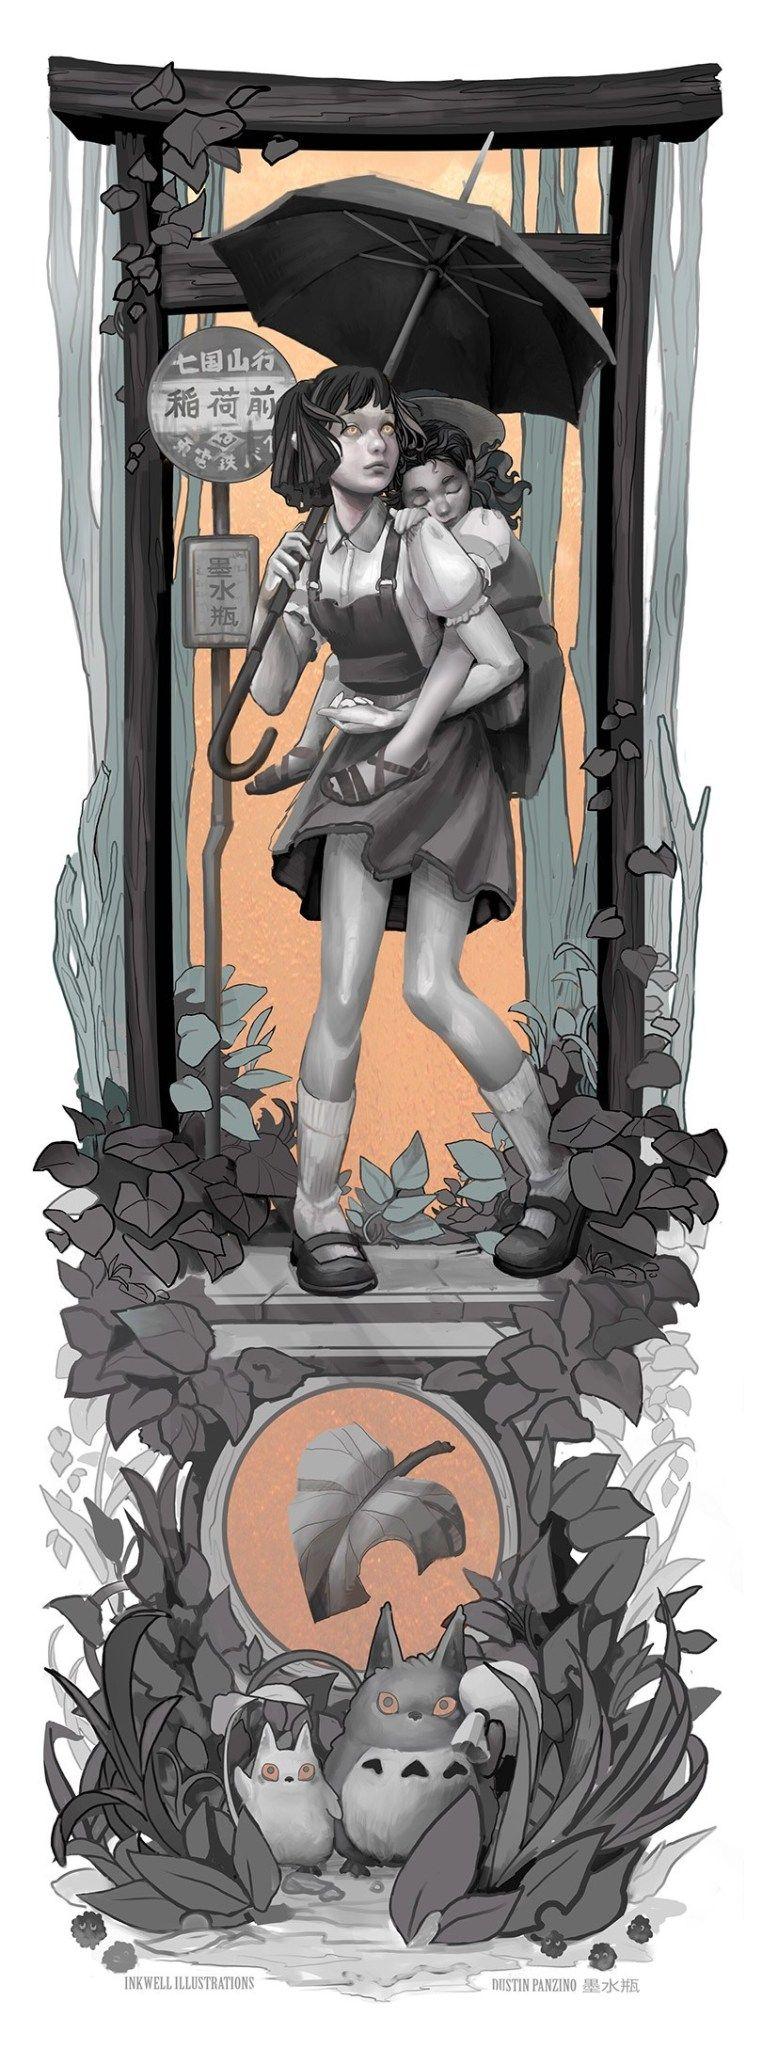 Personagens do Studio Ghibli em Art Nouveau 2